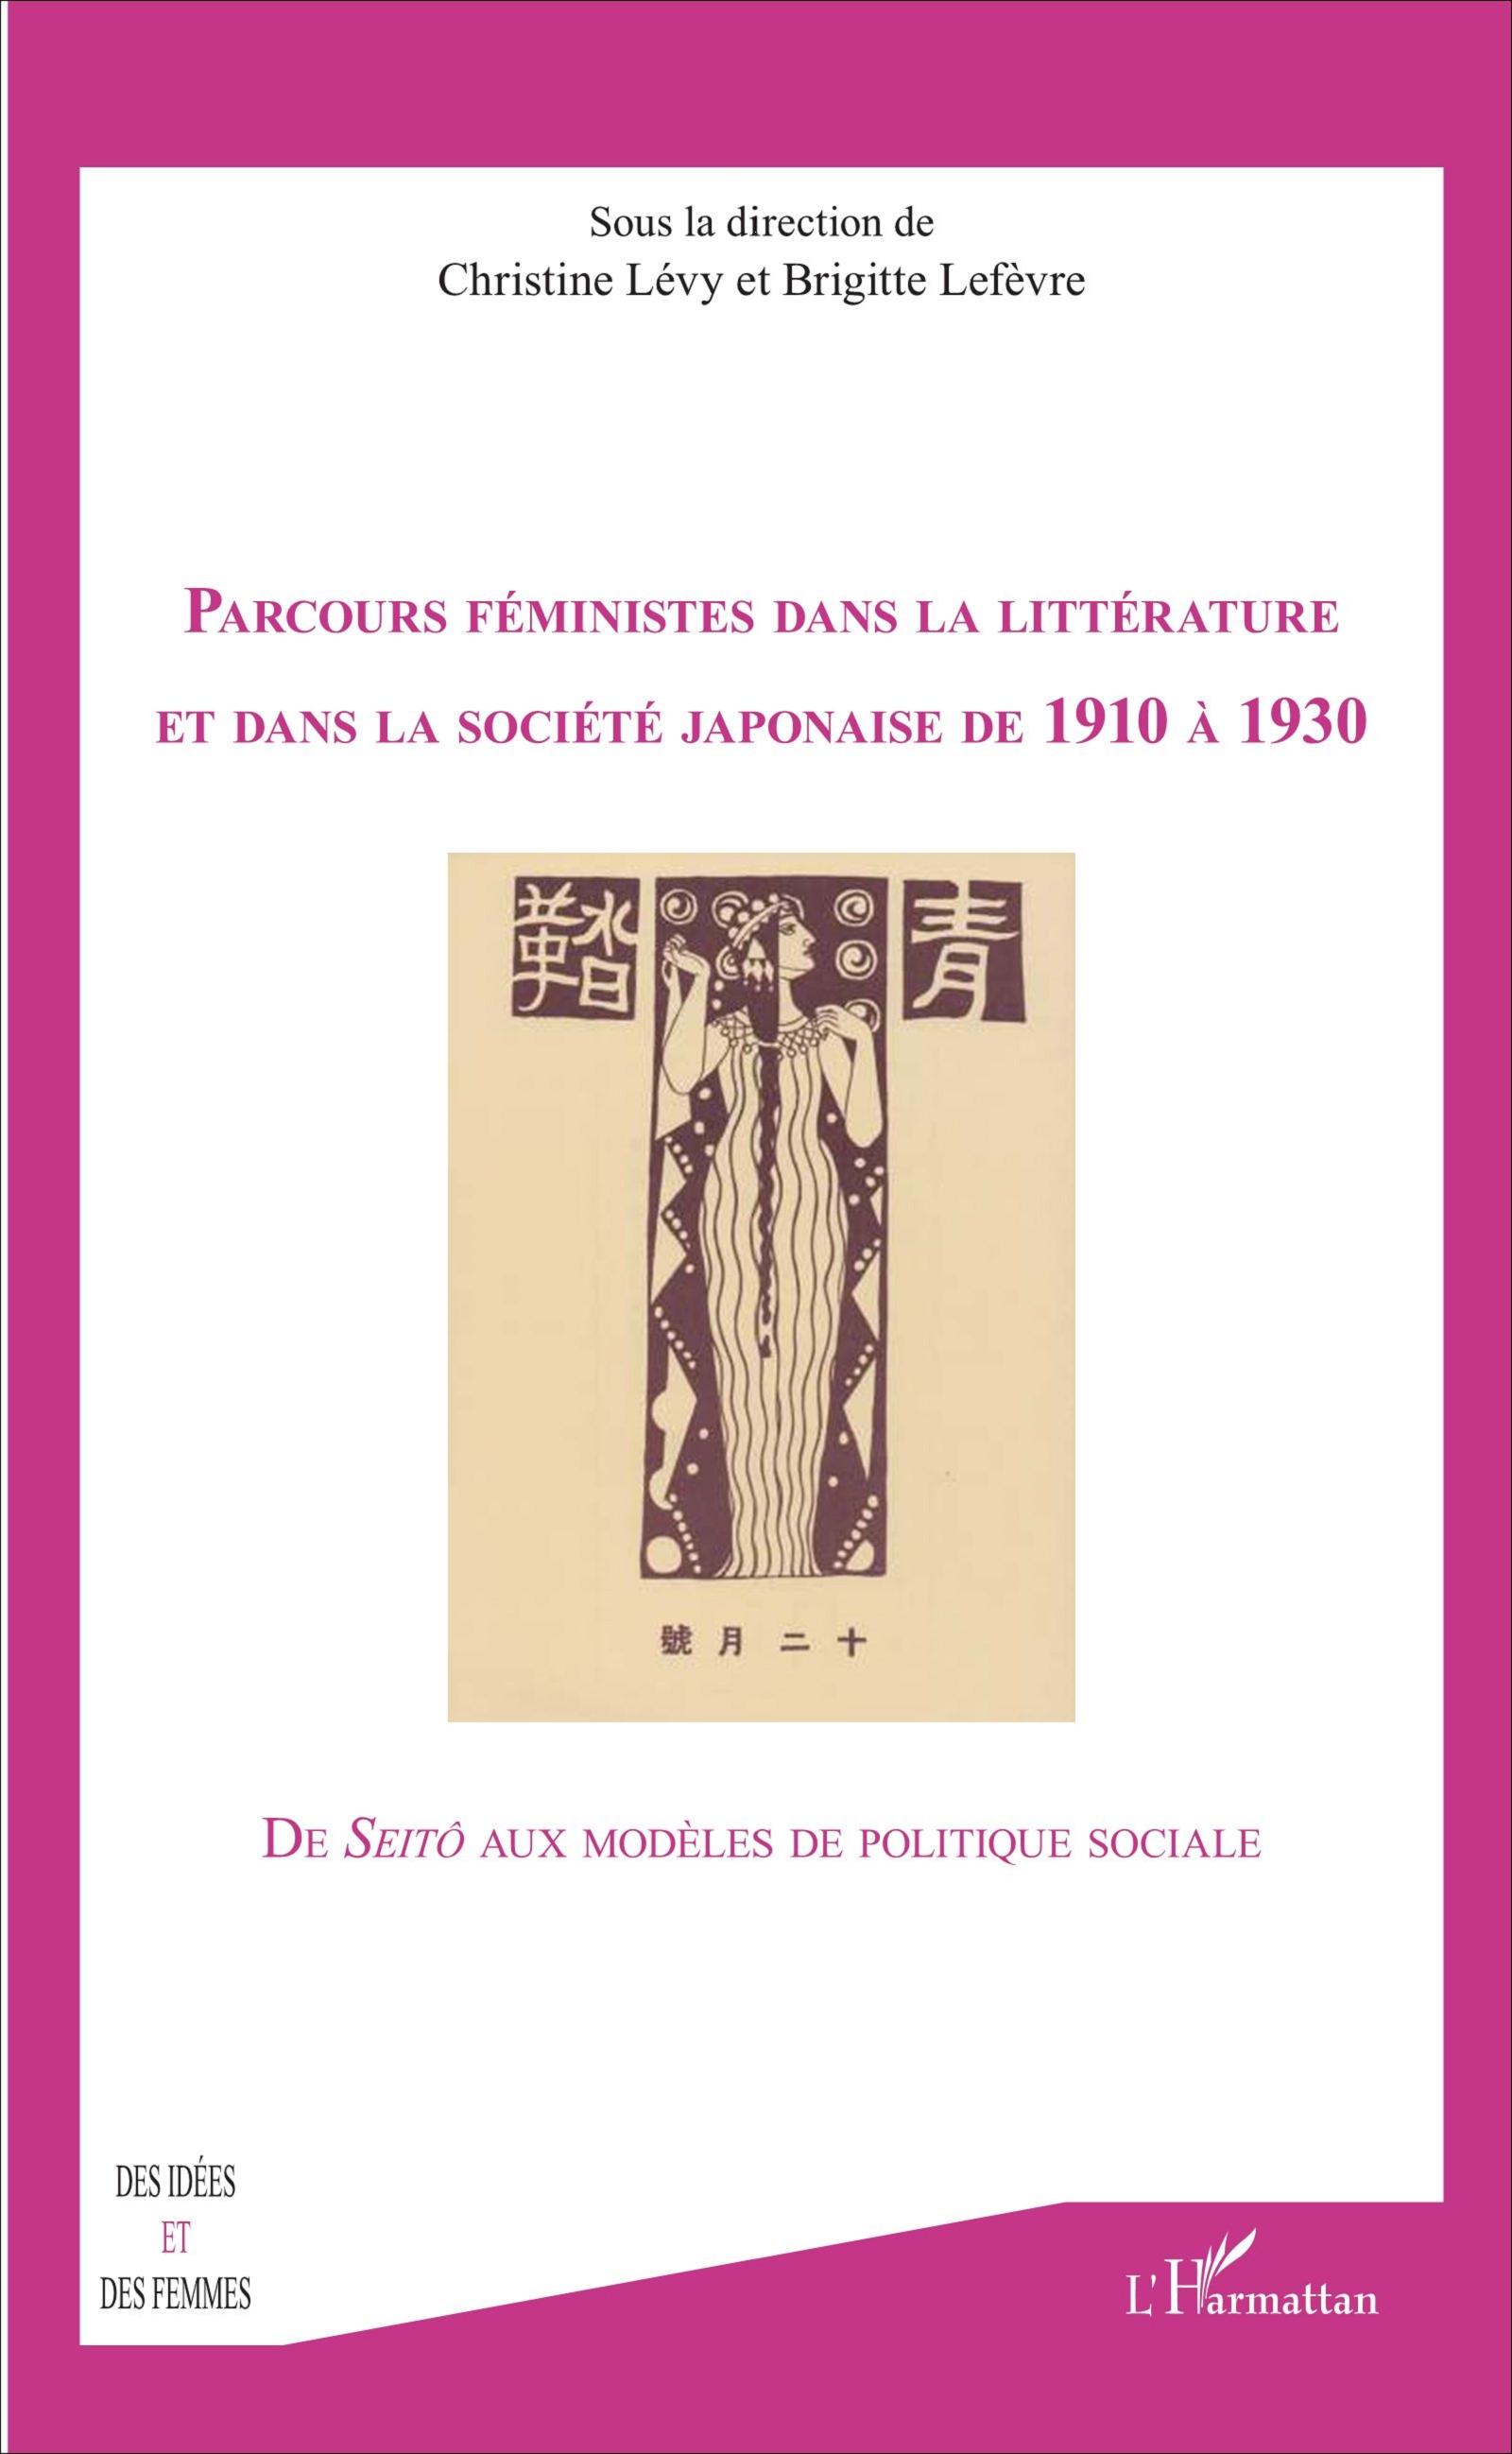 Ch. Lévy et B. Lefèvre (dir.), Parcours feministes dans la littérature et la société japonaises de 1910 à 1930. De Seitô aux modèles de politique sociale